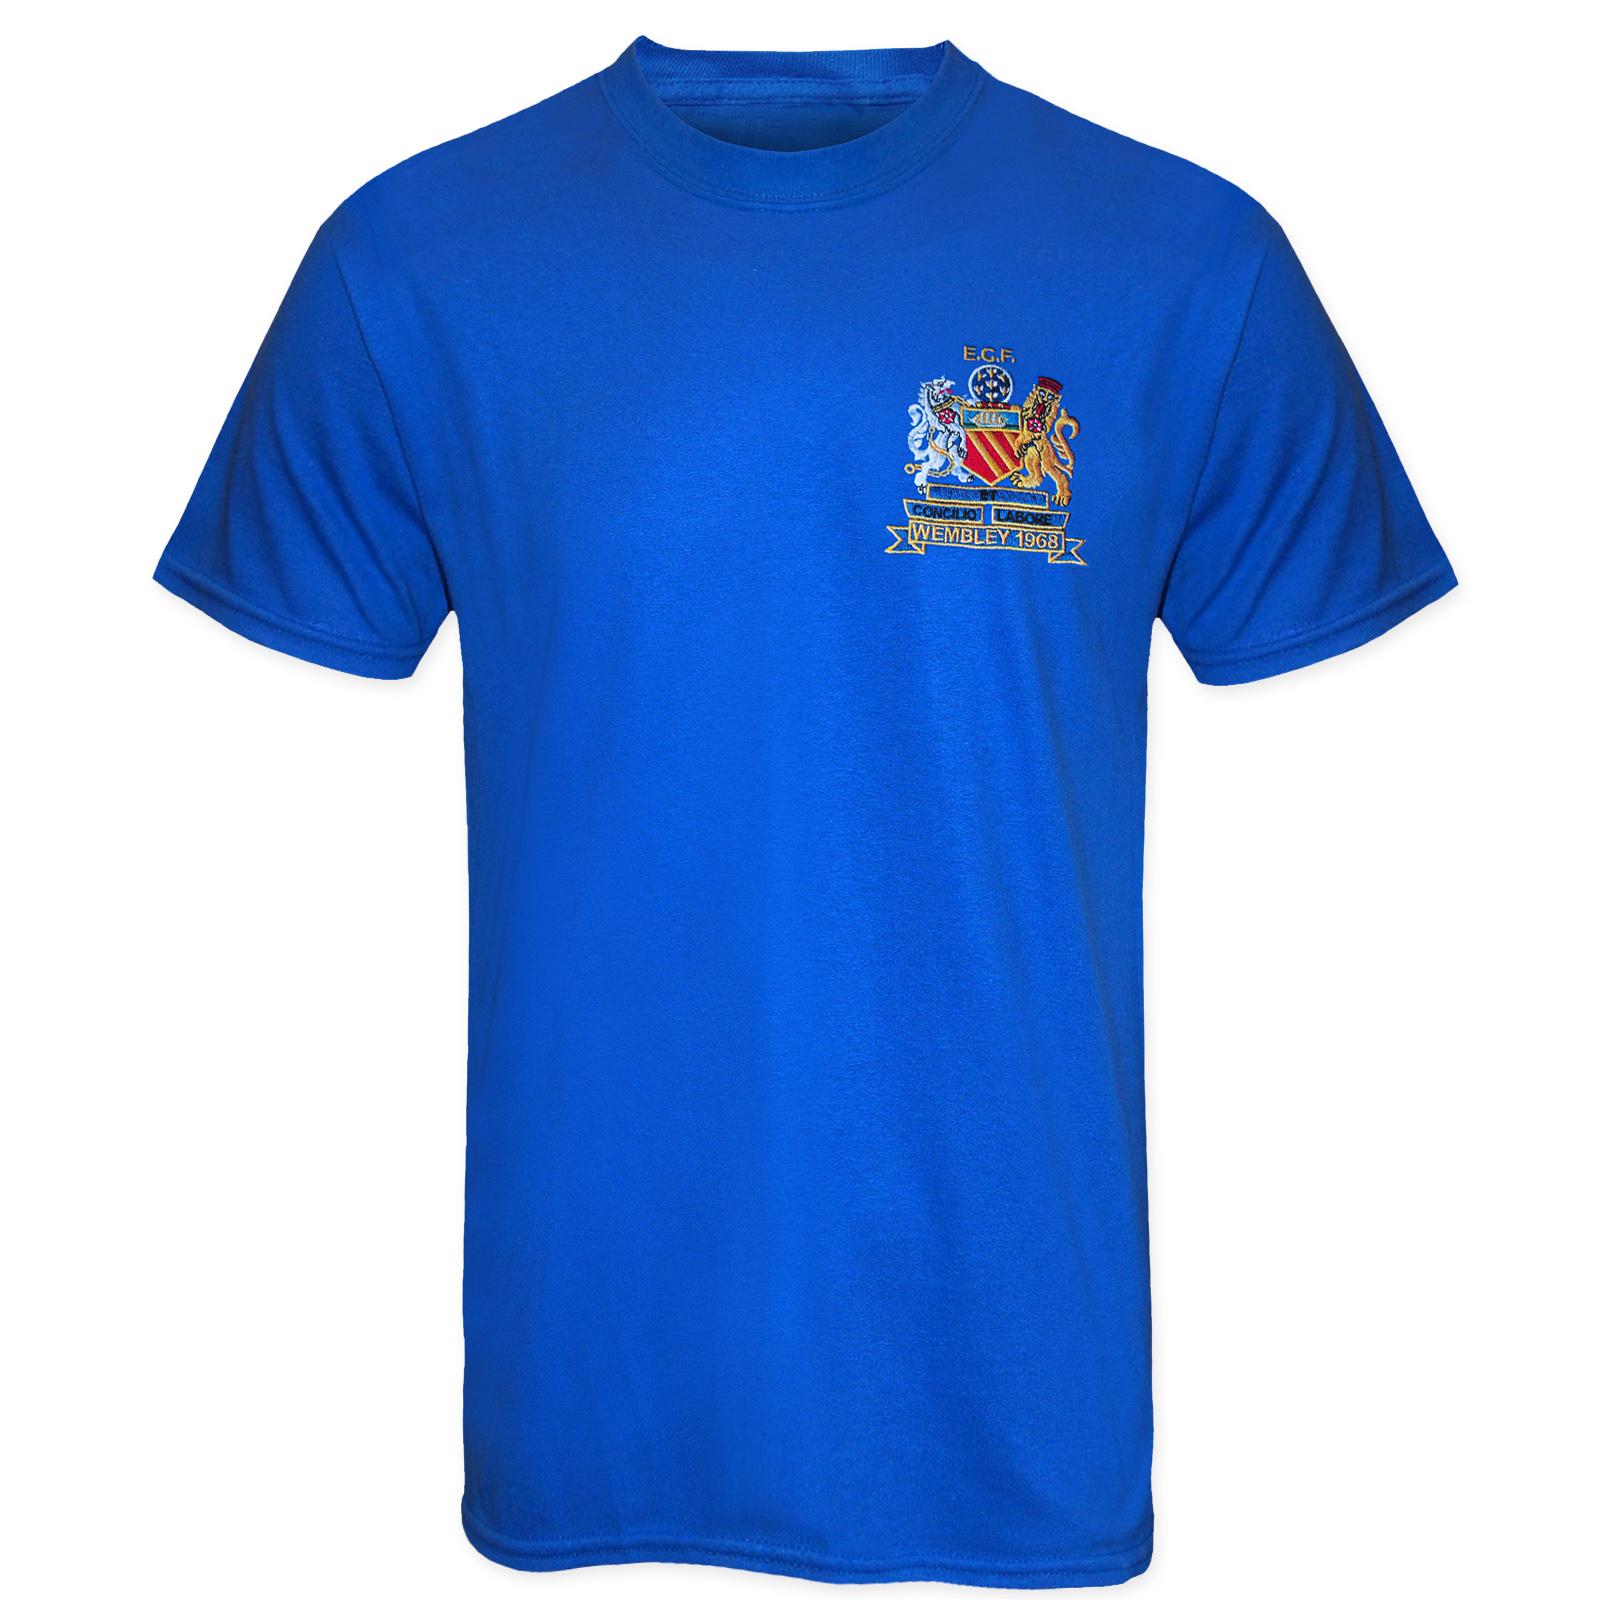 Football-Legends-Best-amp-Charlton-in-Manchester-United-1968-Retro-Kit-T-Shirt thumbnail 4